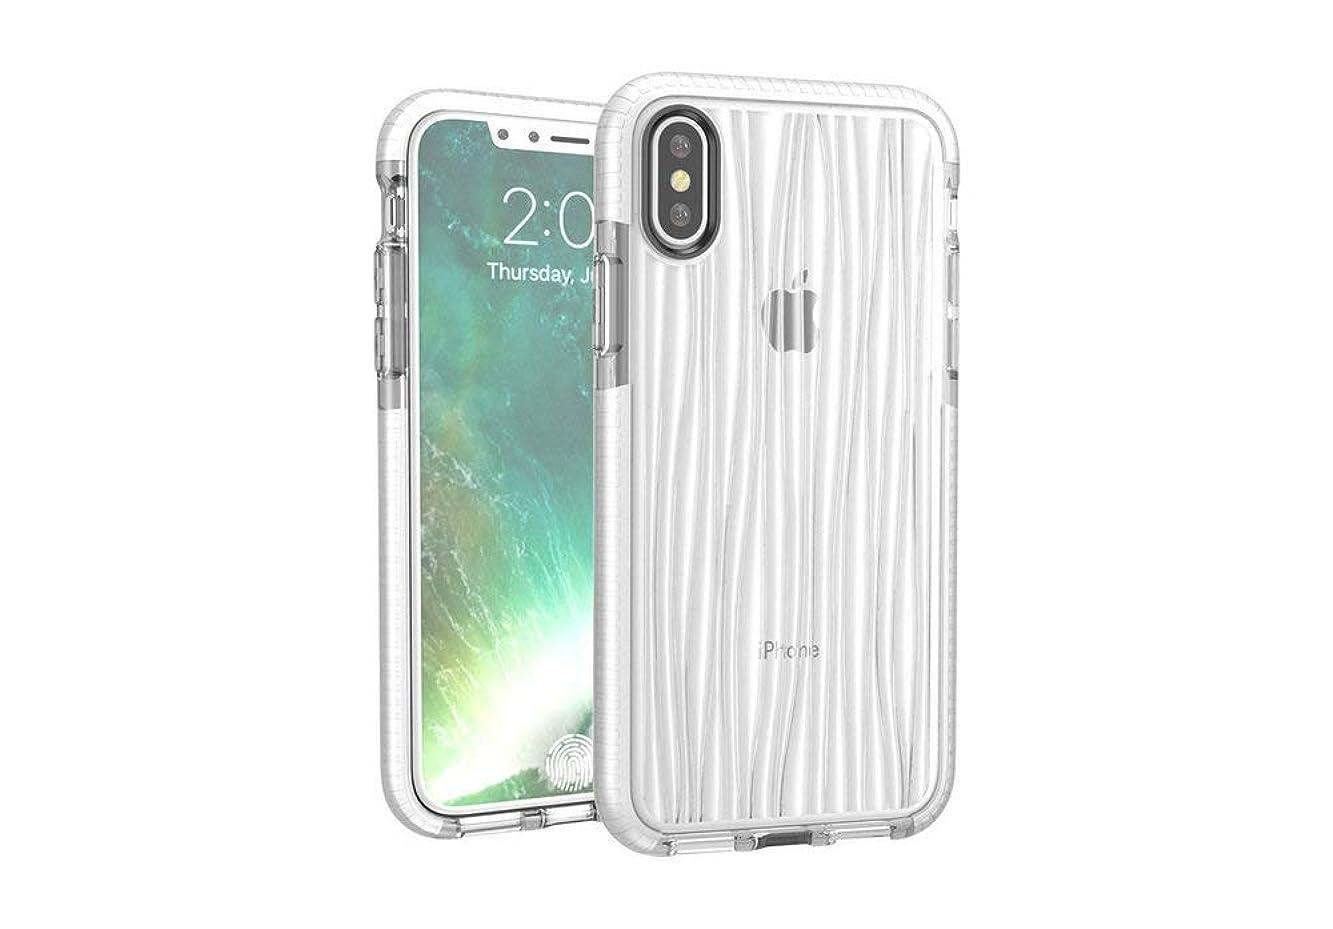 振るうサミュエル折るiPhone ケース レディース メンズ 携帯ケース iPhone7/8/7Plus/8Plus,iPhone X/XR,iPhoneXS/XS MAX (iphone6 ケース)